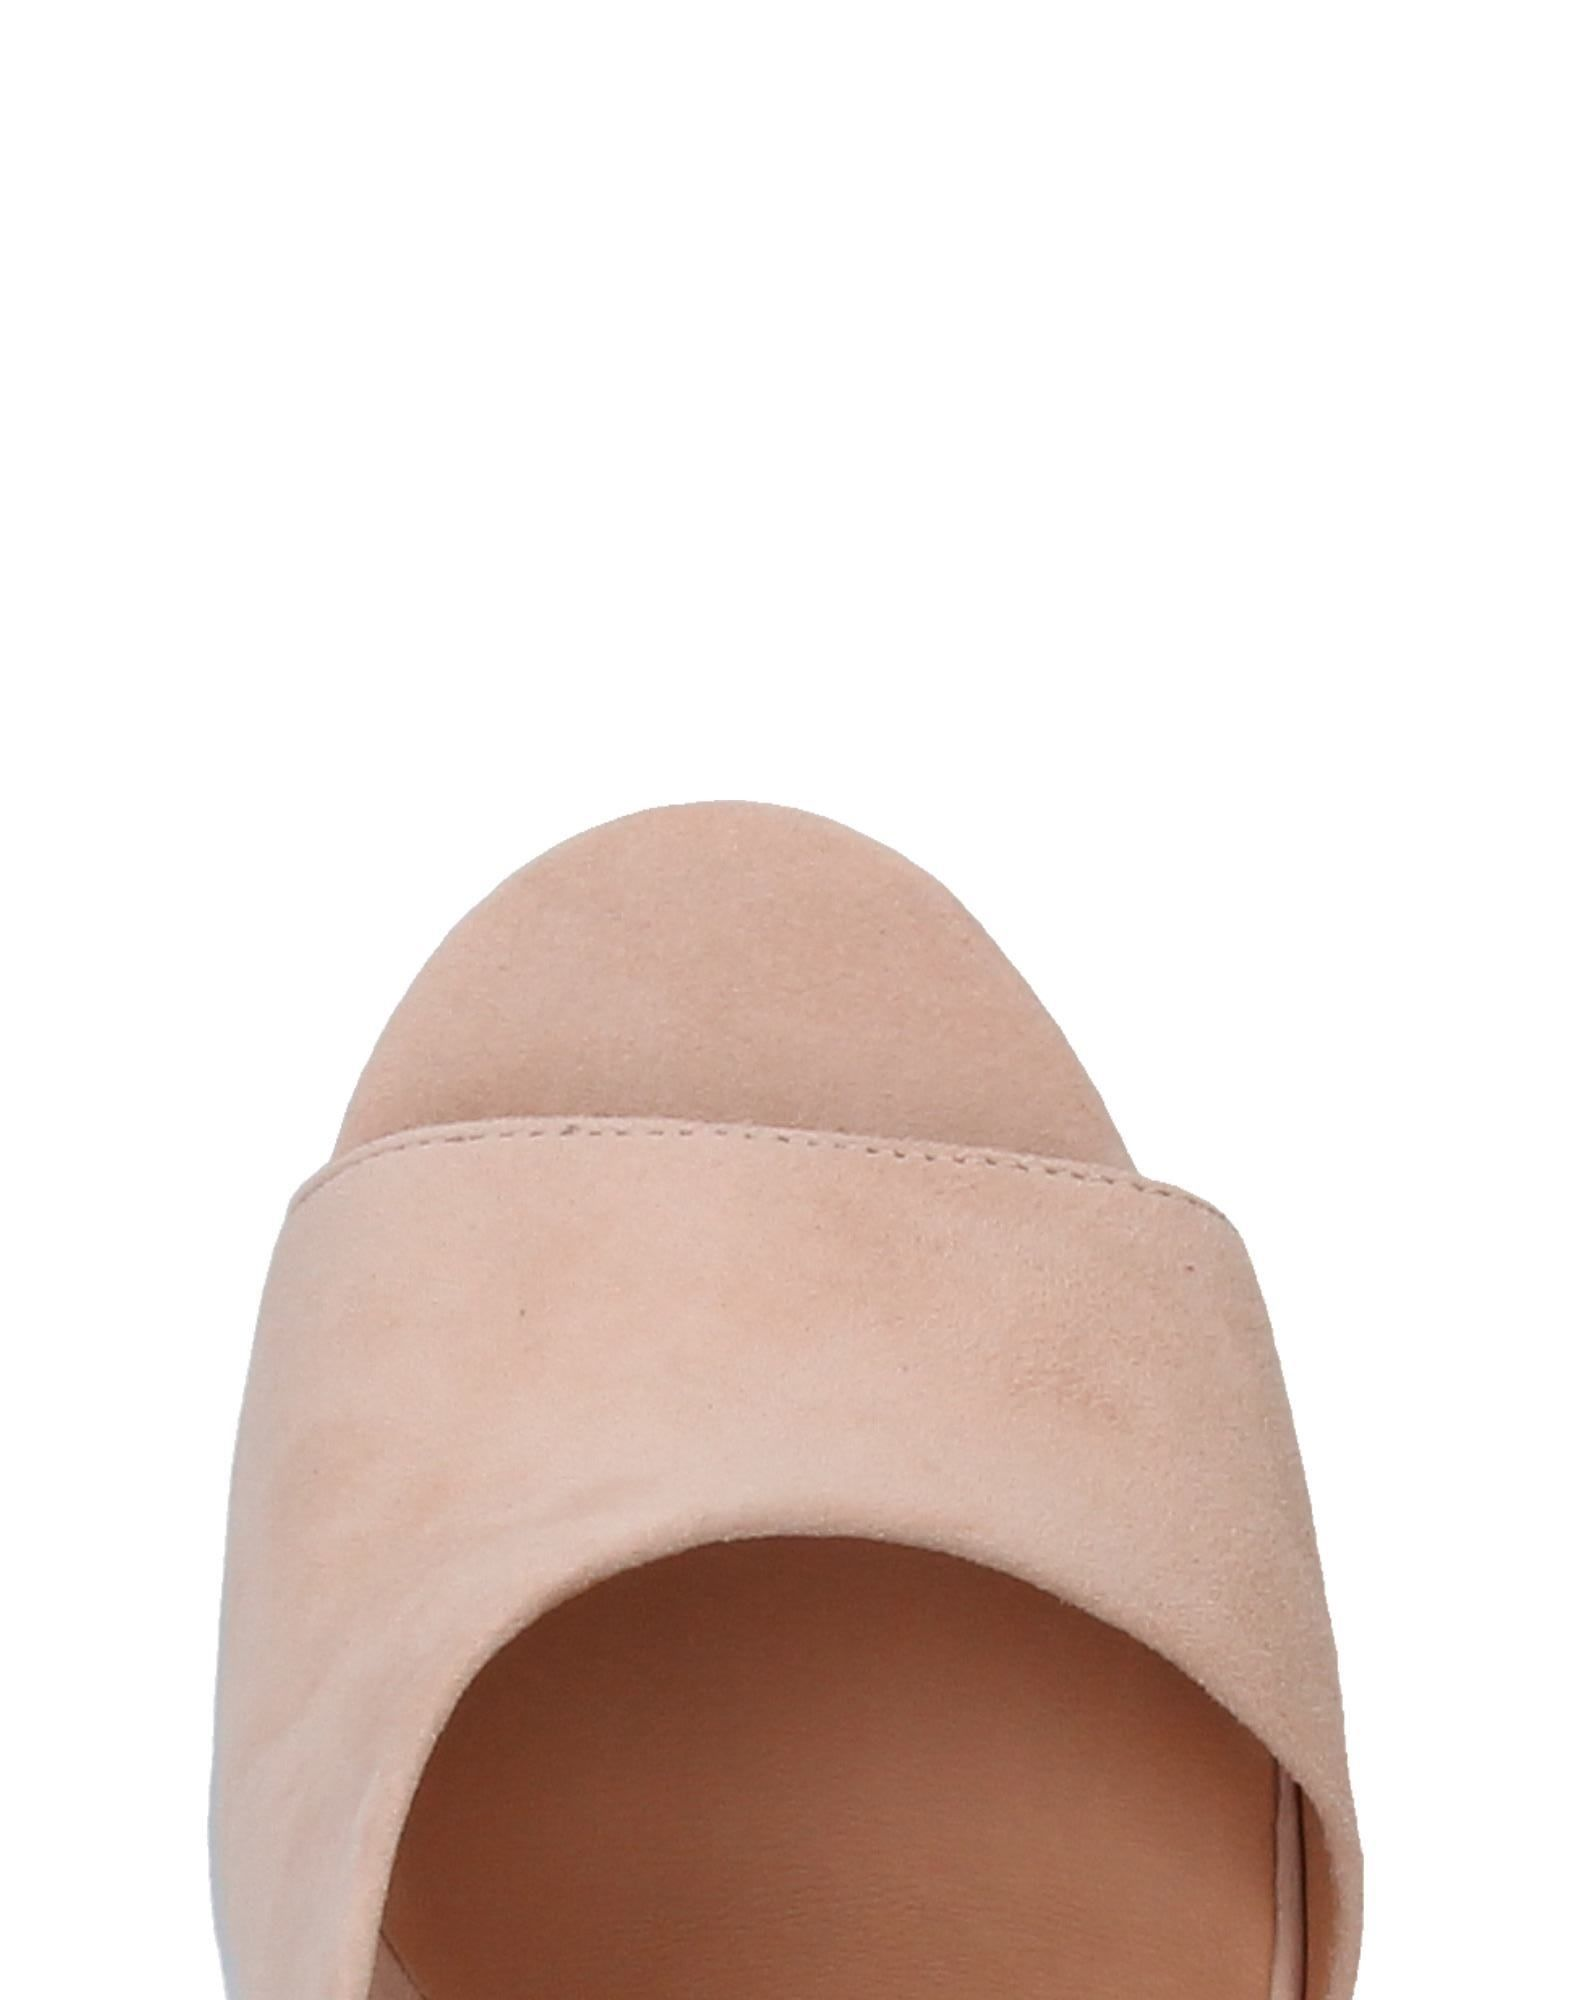 Halston Heritage Sandalen Damen  11394563ML Gute Qualität beliebte Schuhe